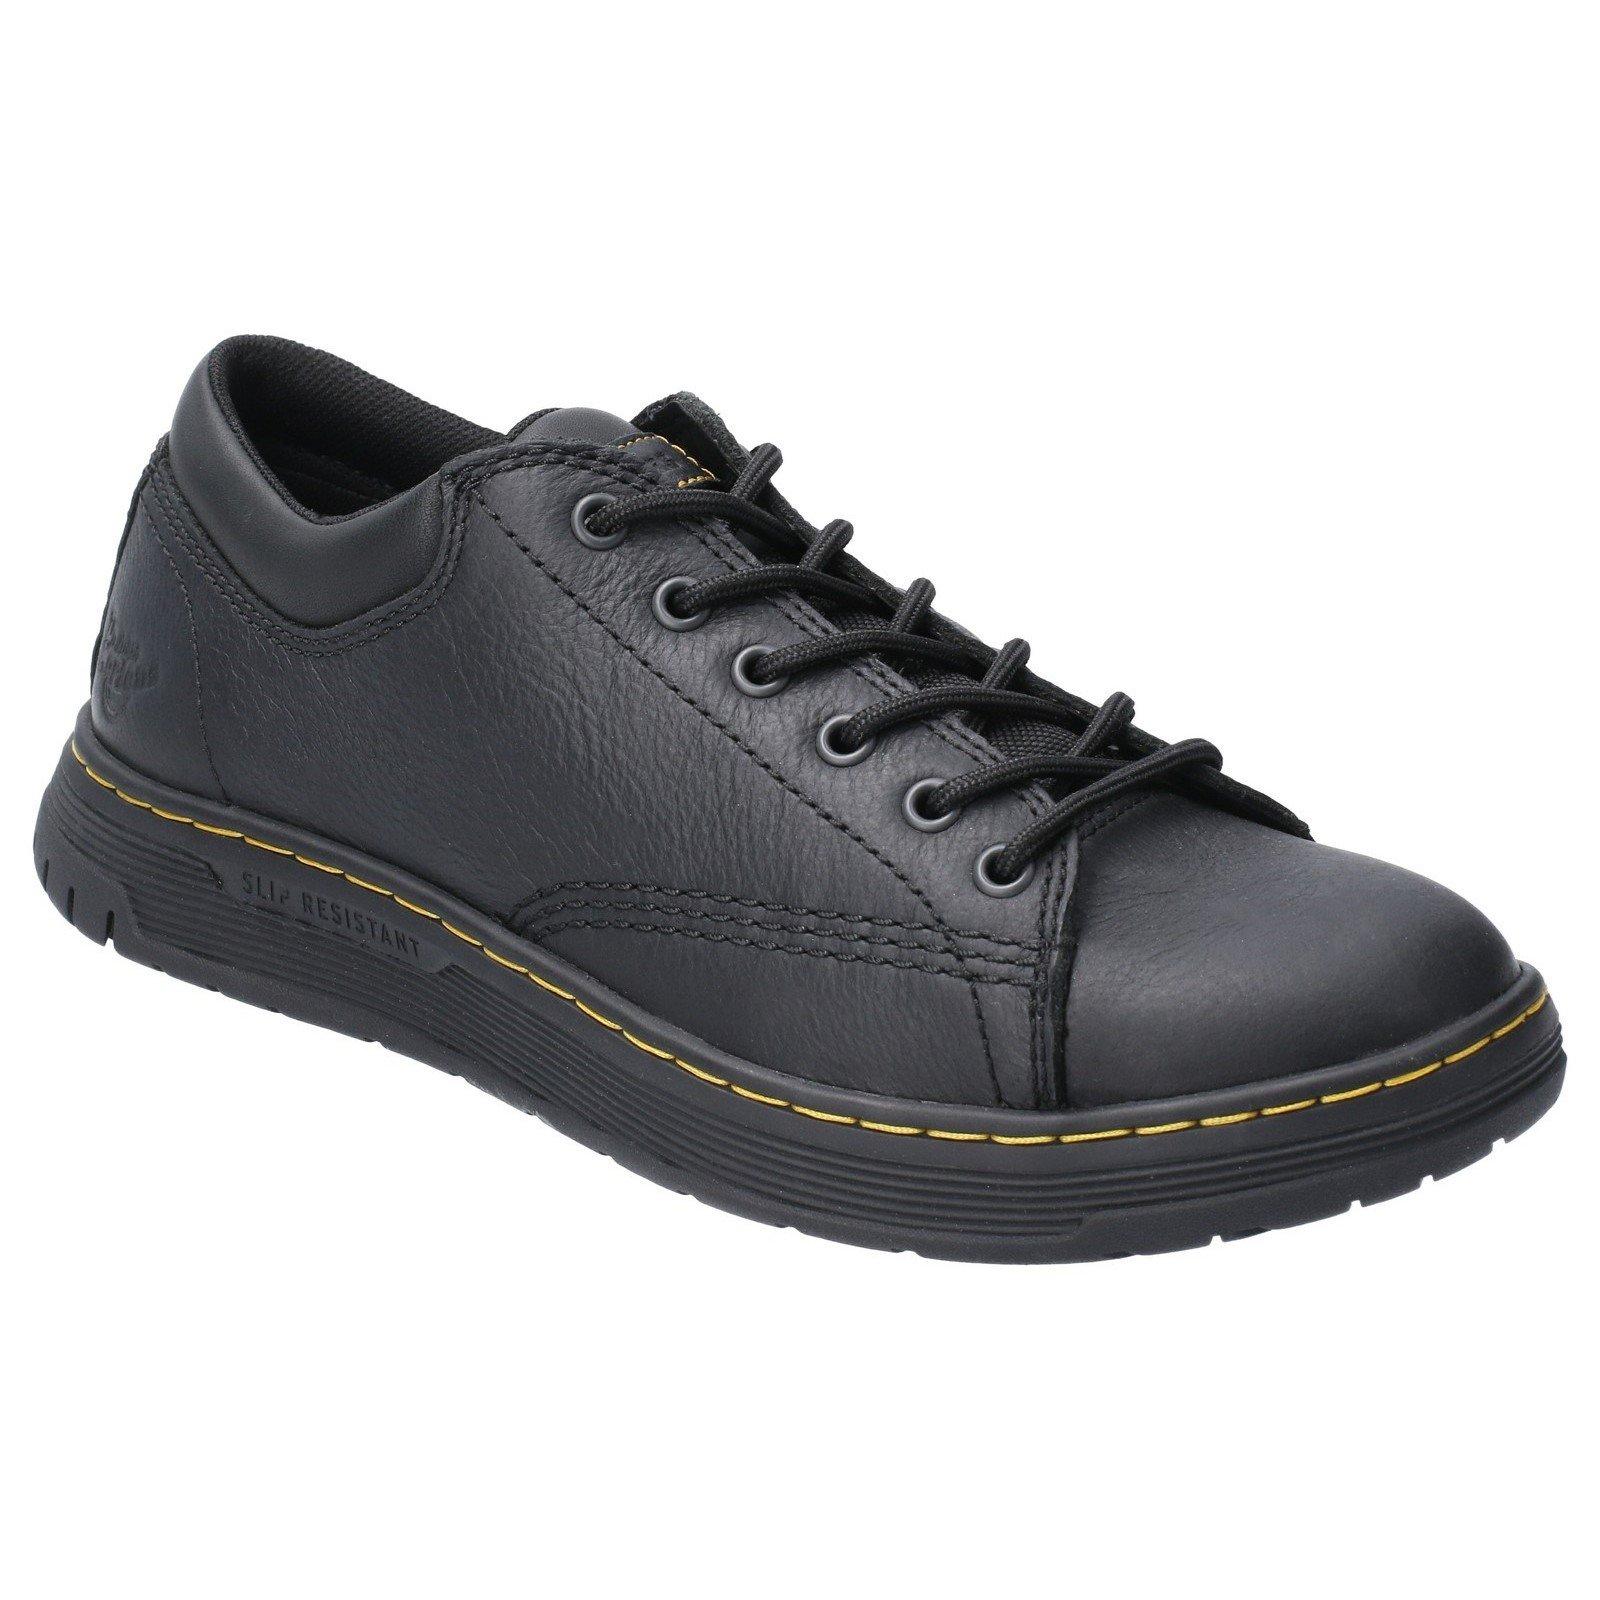 Dr Martens Unisex Maltby SR Lace Trainer Black 29510 - Black 8